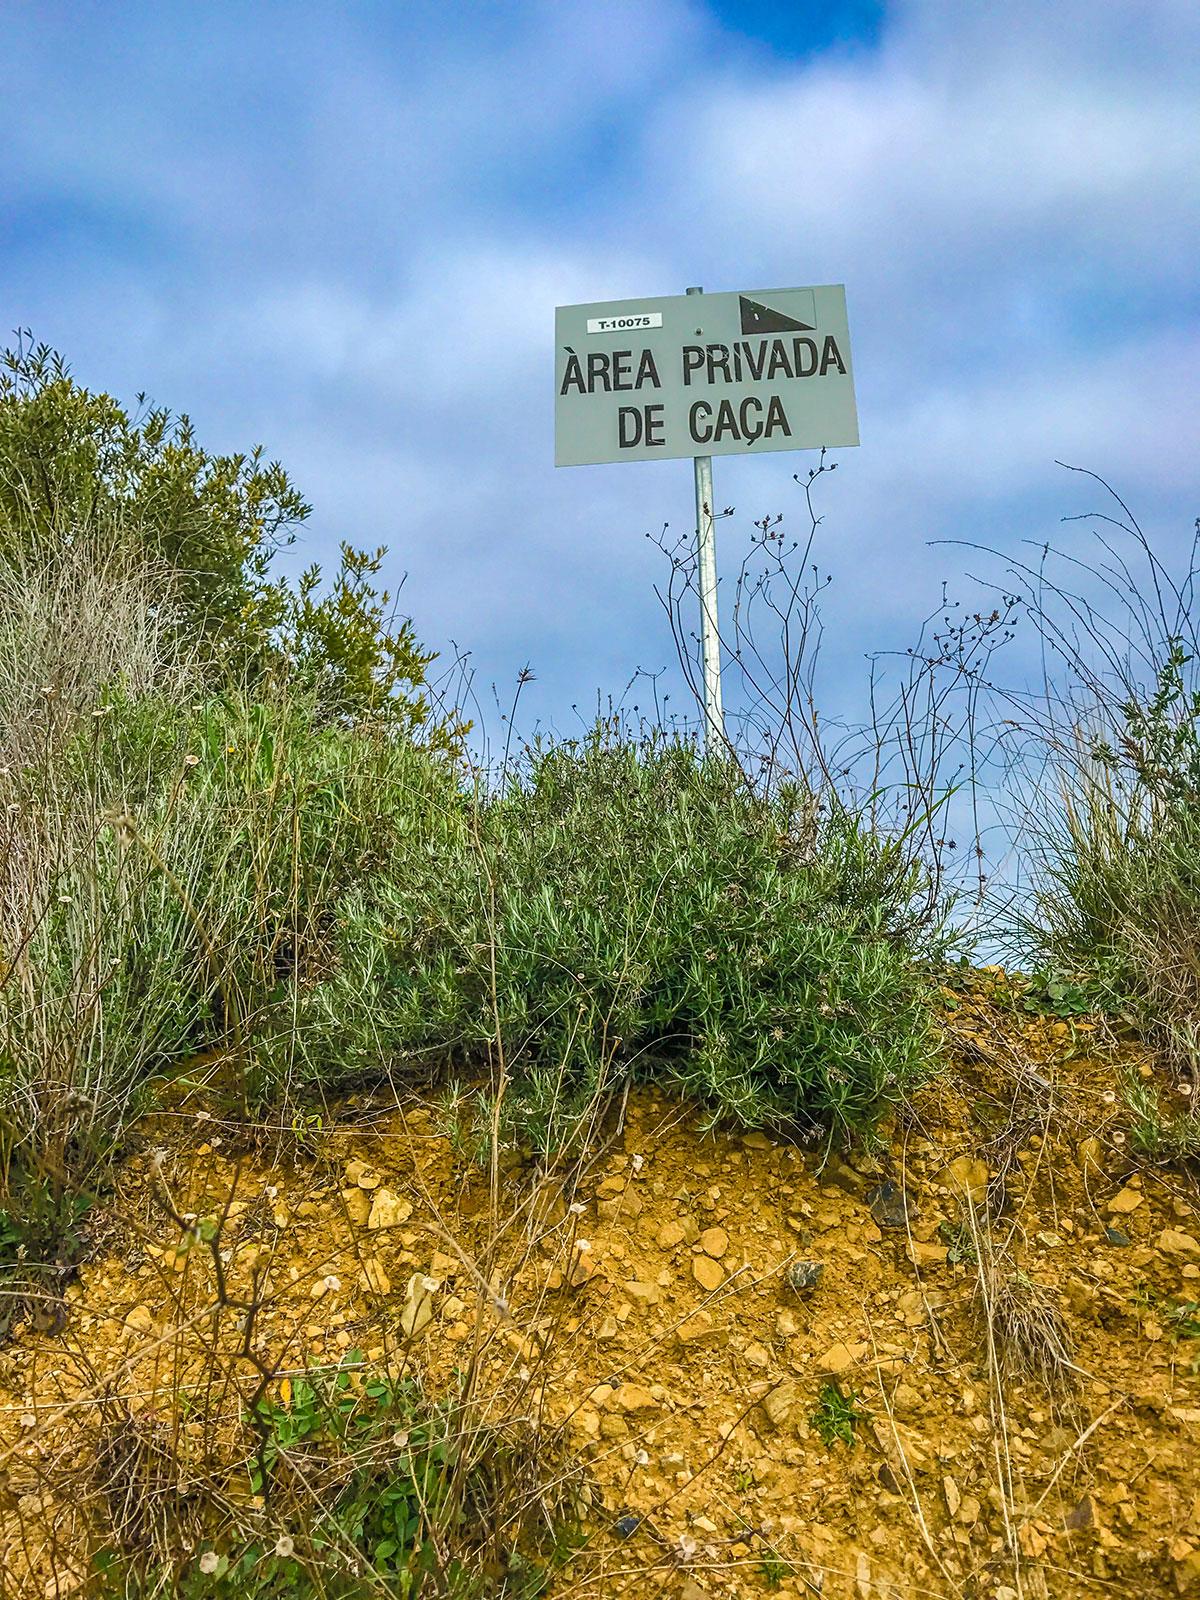 Spanien, Katalonien, Region Tarragona, Àrea Privada de Caca